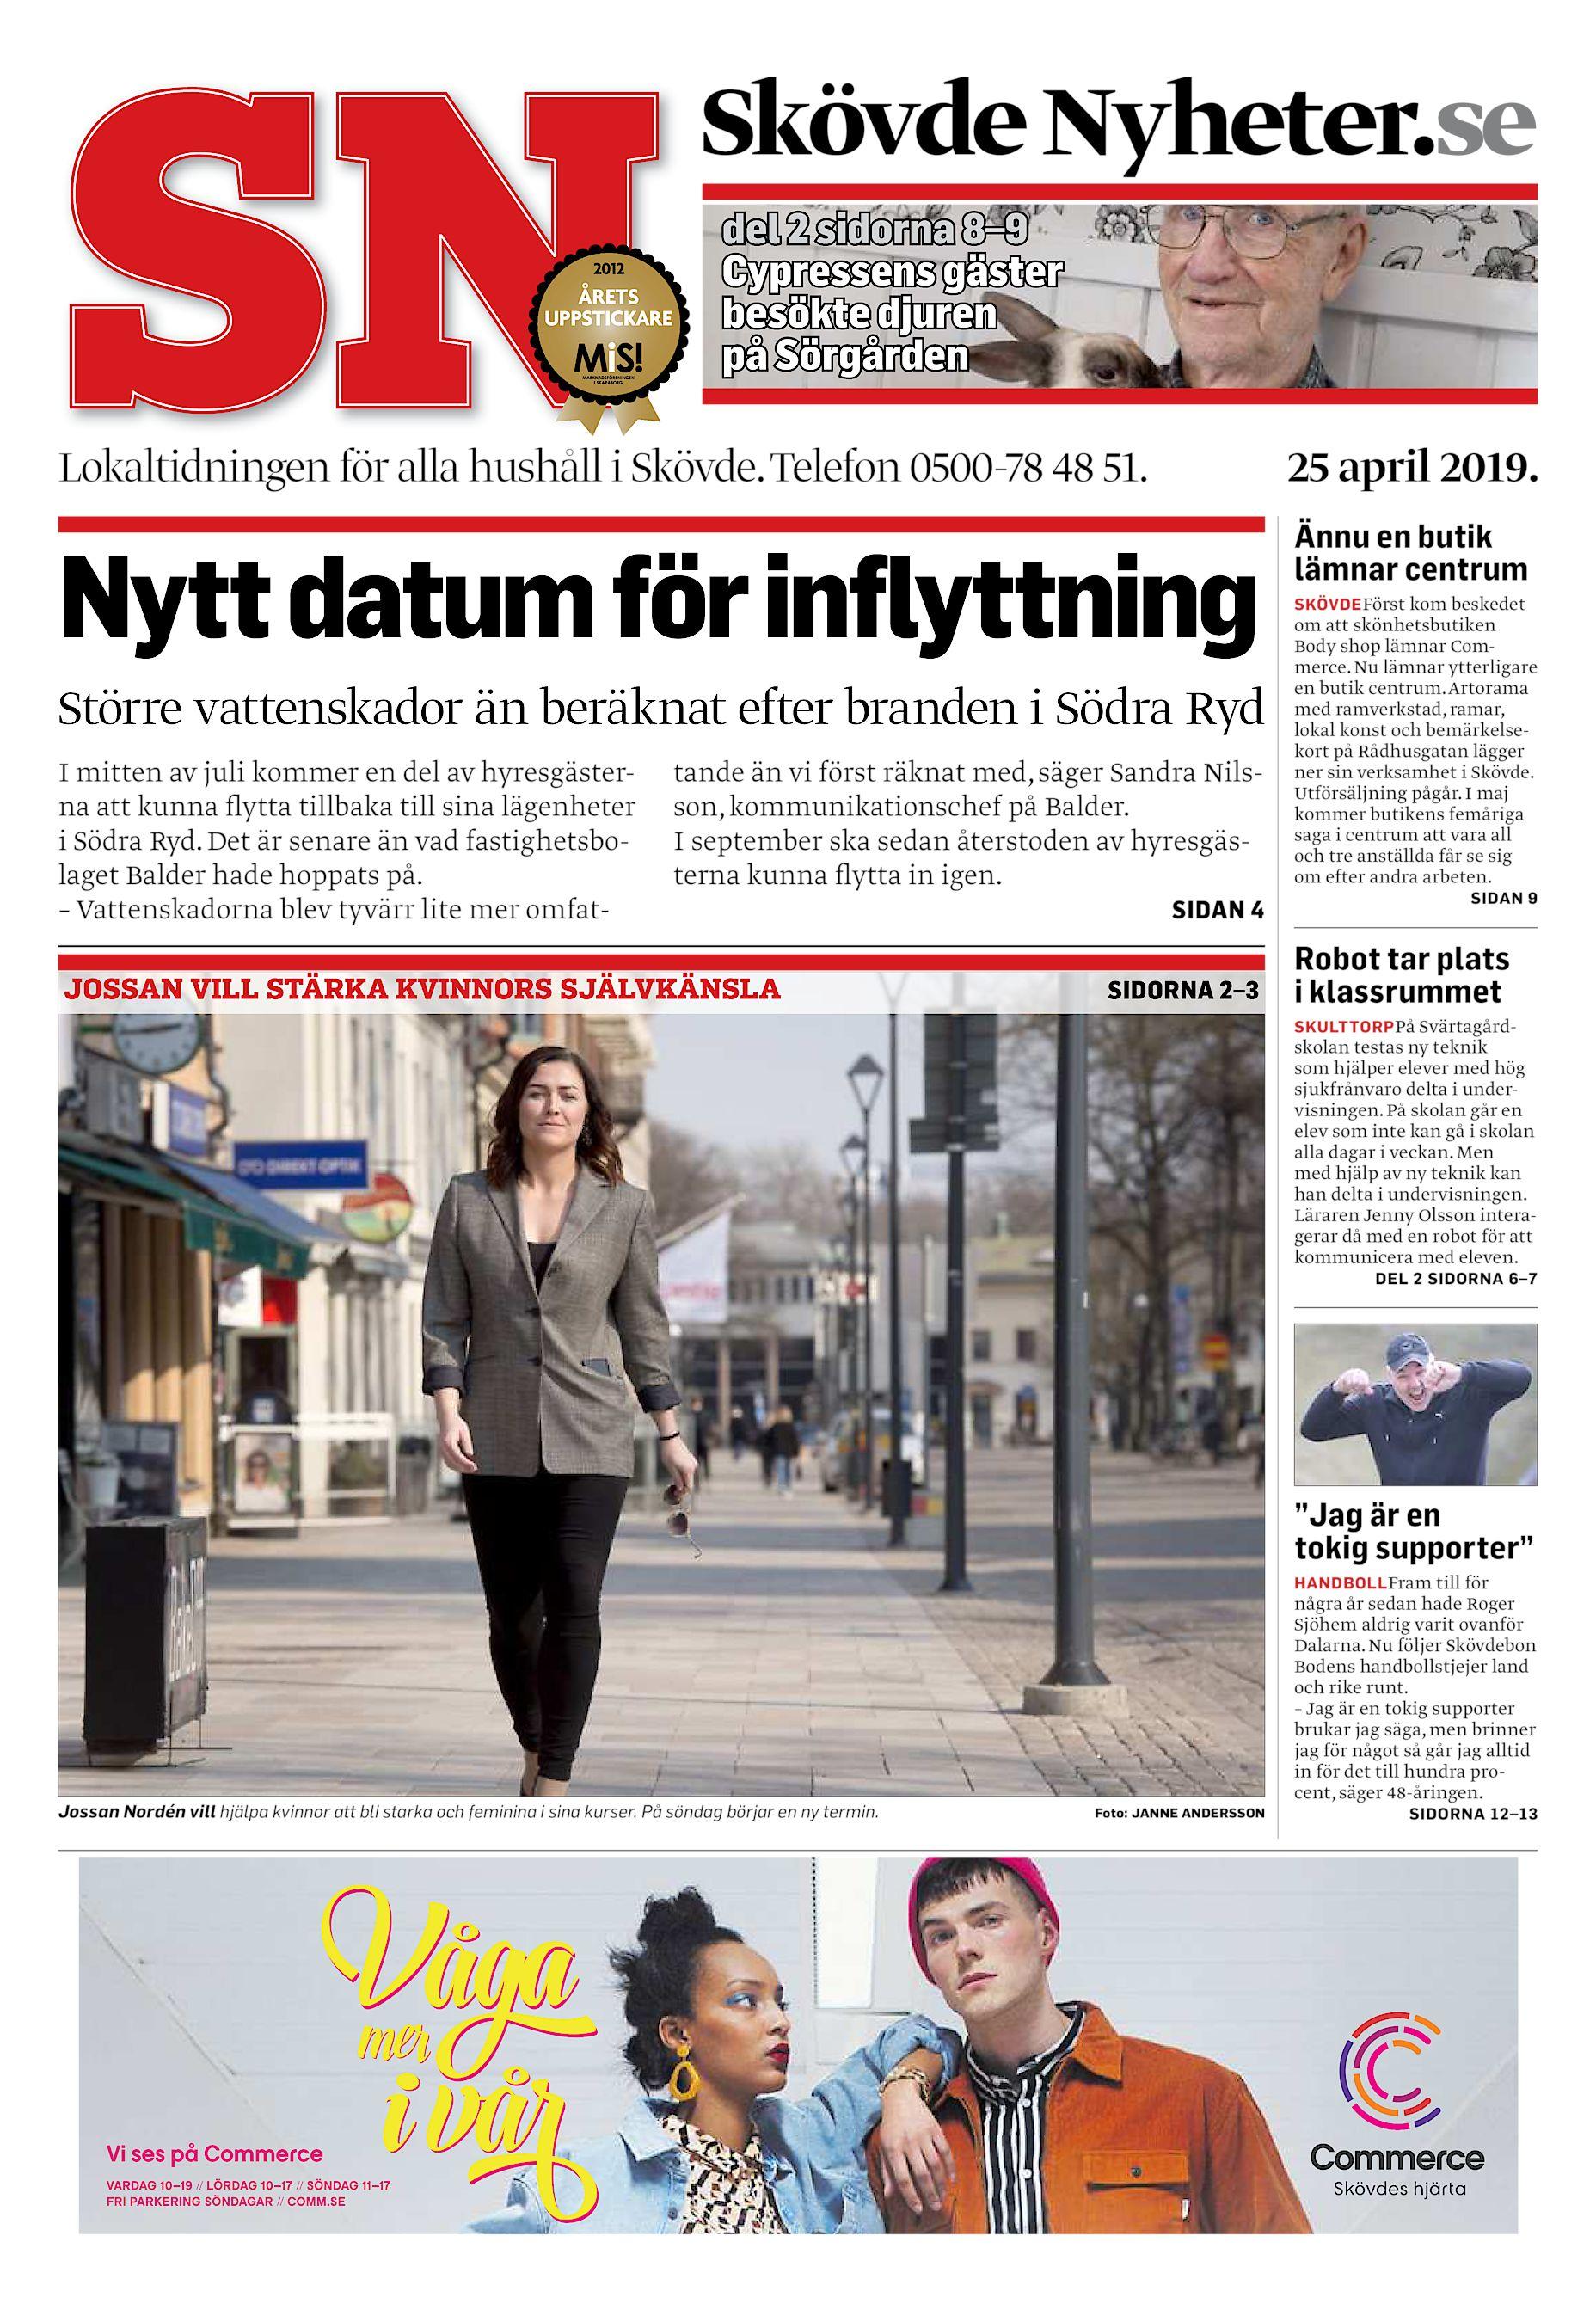 8fdc26a42488 Skövde Nyheter.se del 2 sidorna 8–9 Cypressens gäster besökte djuren på  Sörgården Lokaltidningen för alla hushåll i Skövde. Telefon 0500-78 48 51.